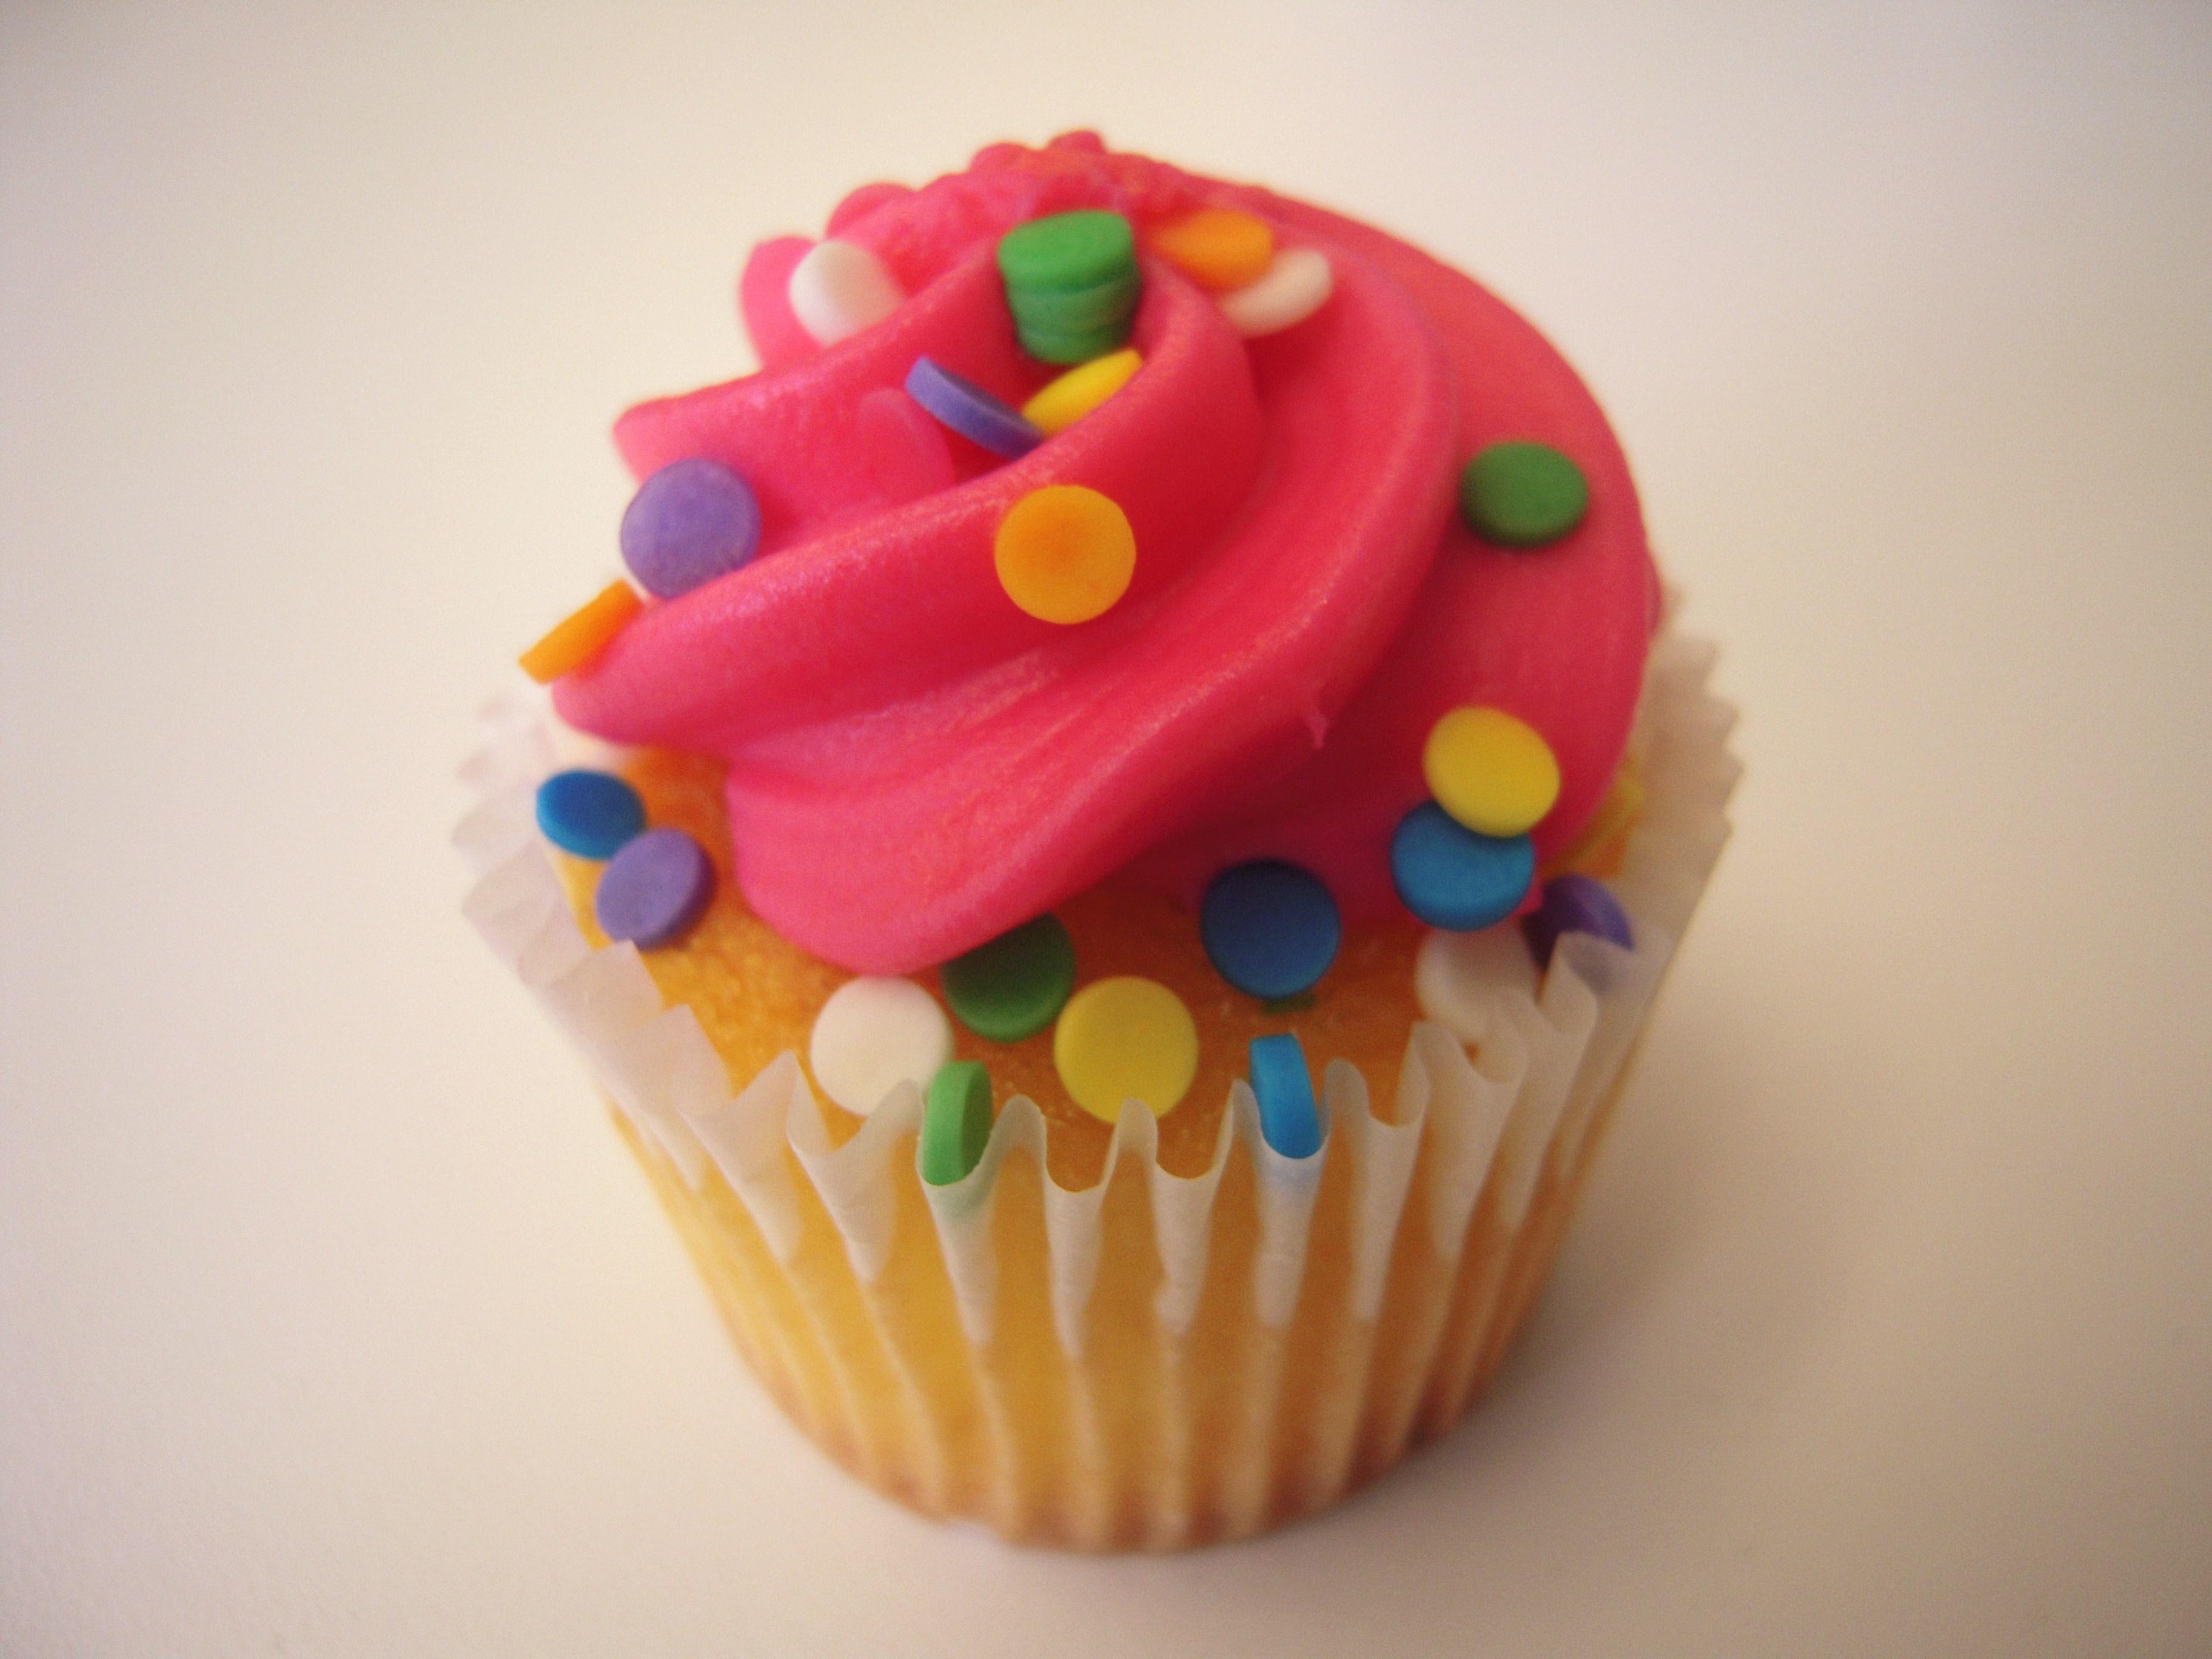 File:Pink Cupcake.jpg